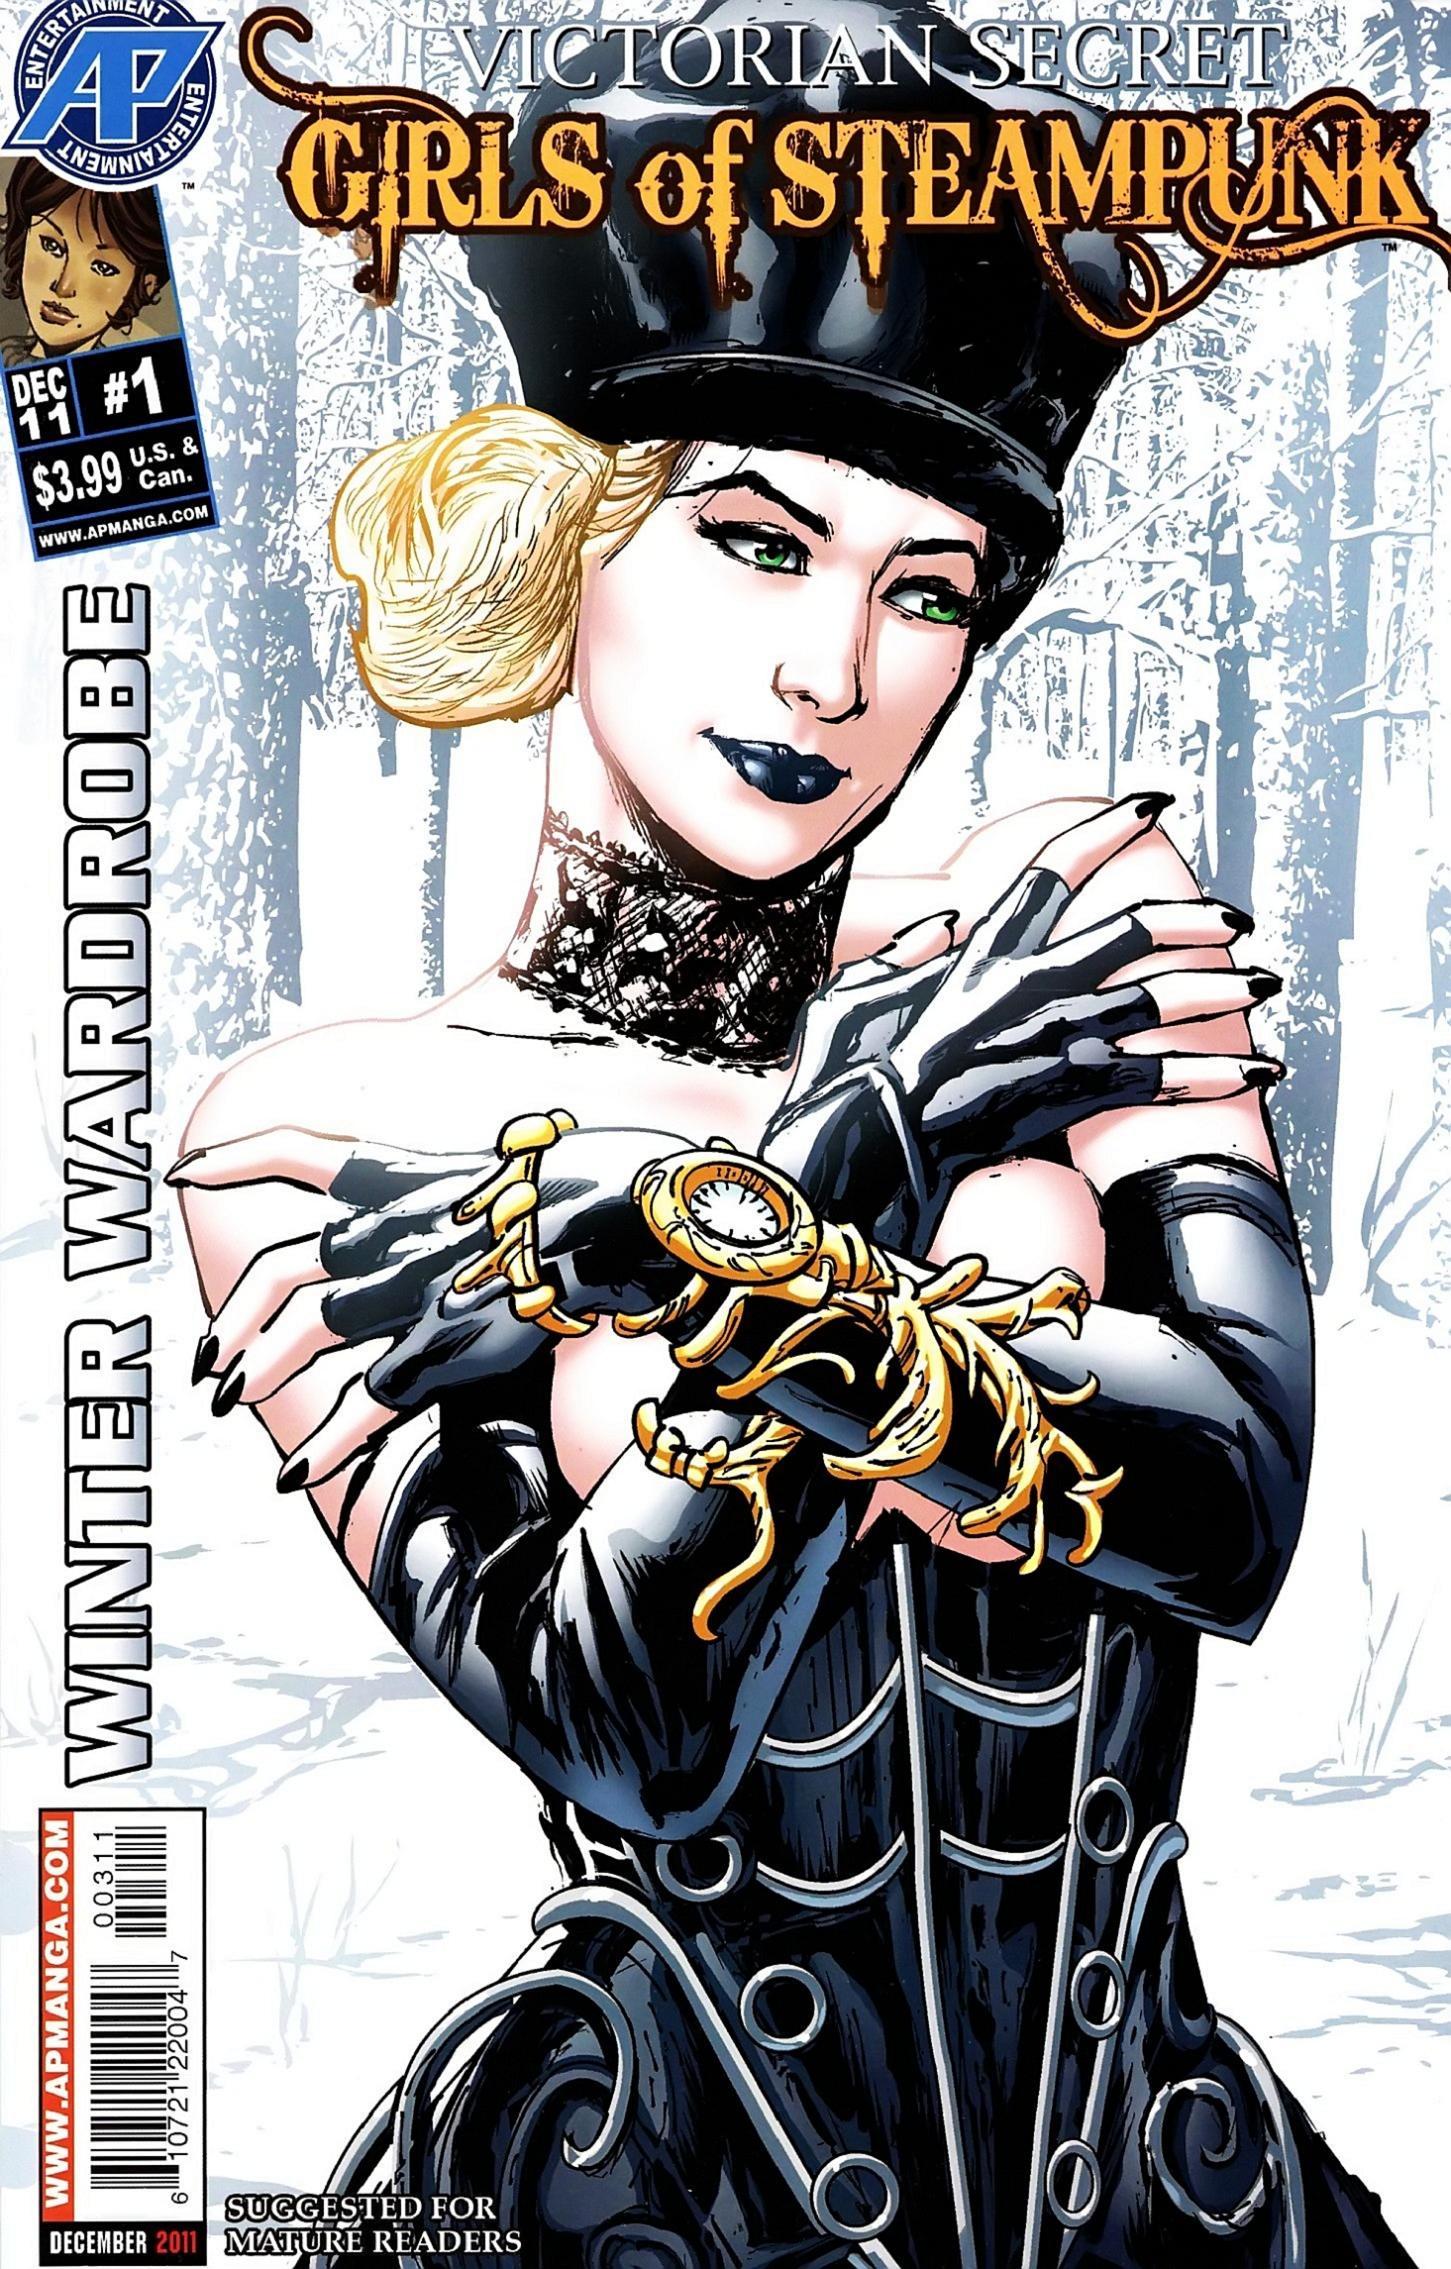 Victorian Secret: Girls of Steampunk Issue_Winter_Wardrobe_1 Page 1